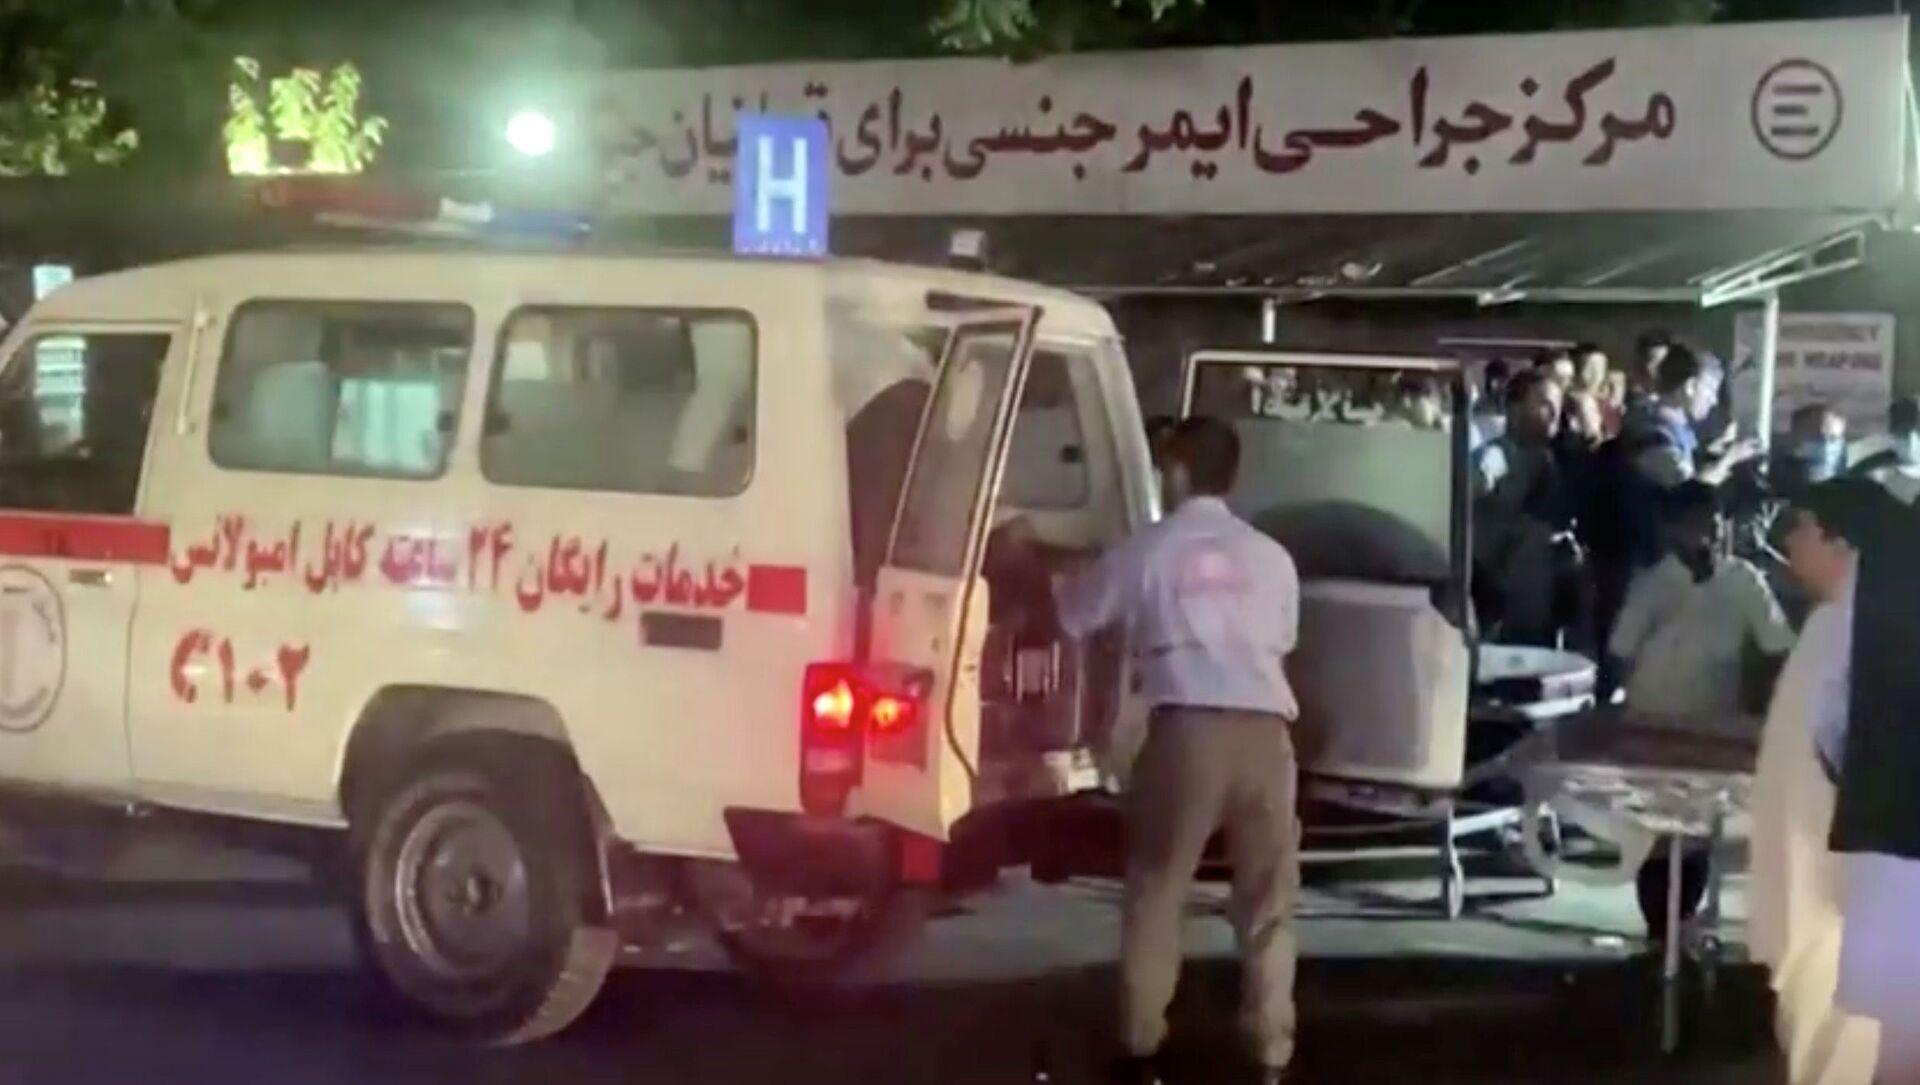 Раненых людей везут в больницу после нападения в аэропорту Кабула, Афганистан - Sputnik Азербайджан, 1920, 27.08.2021